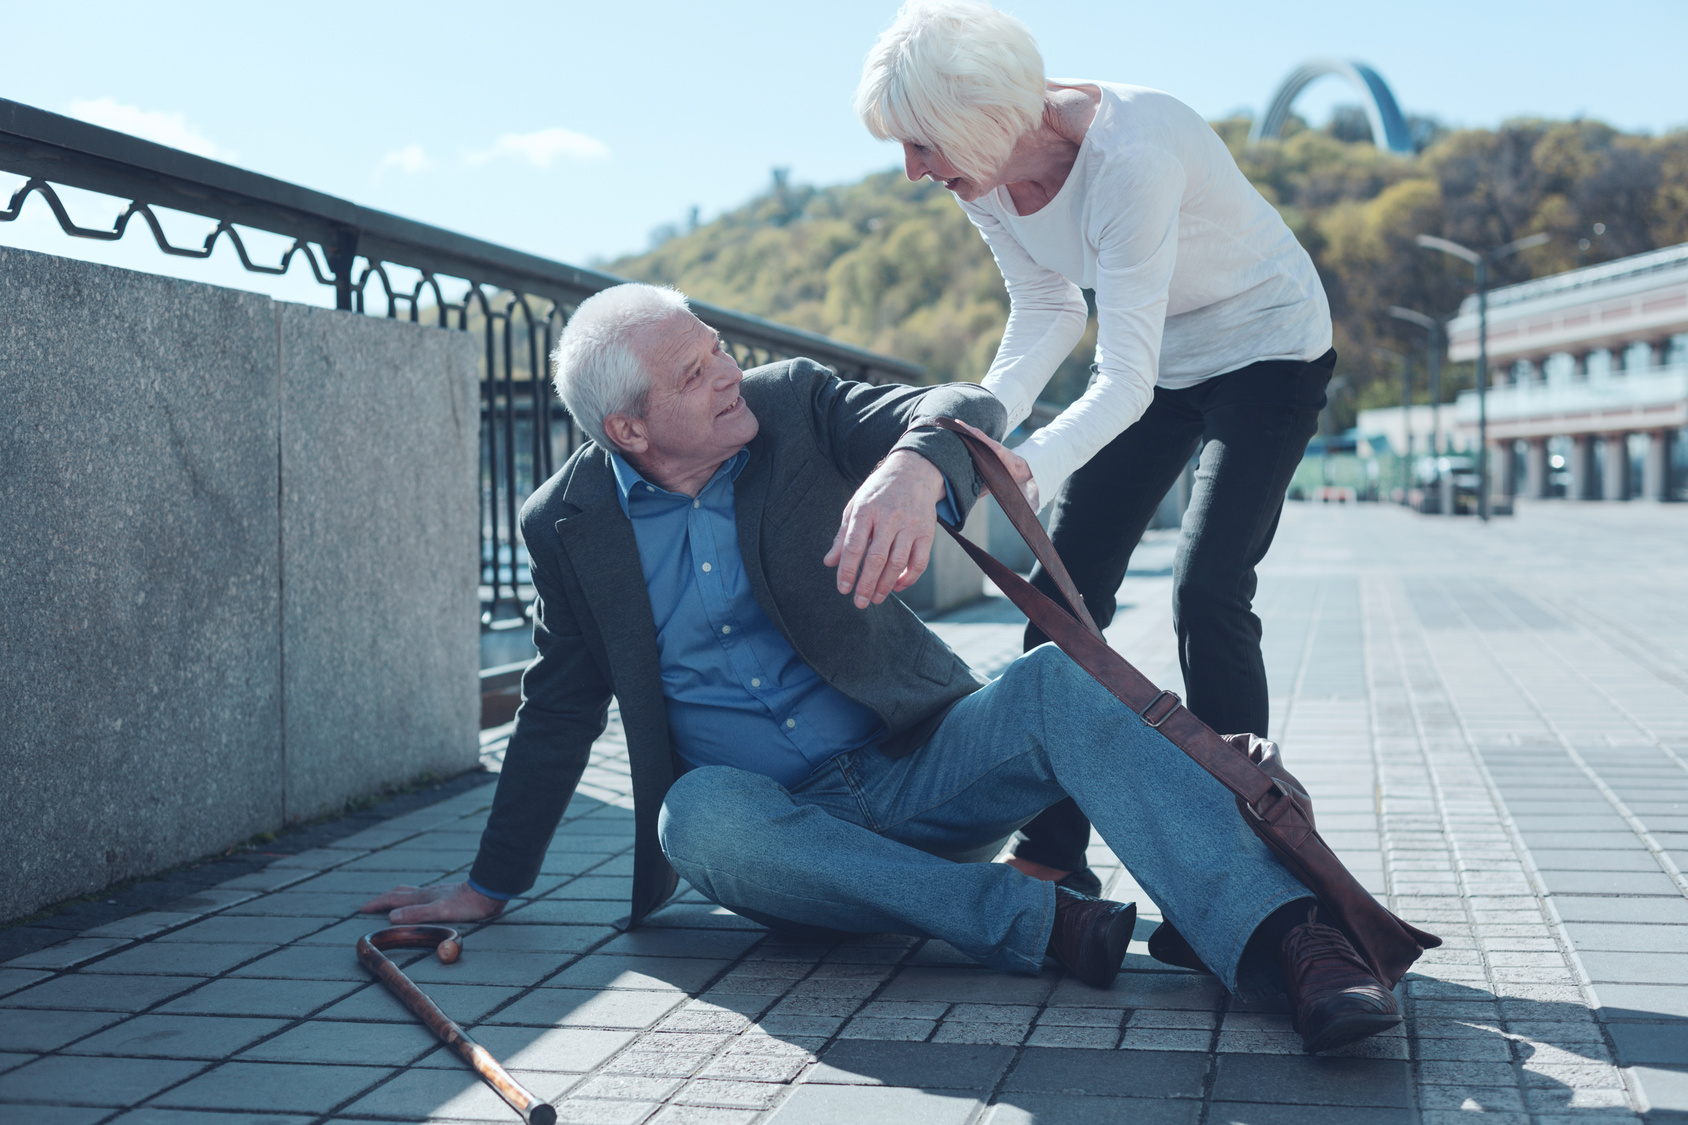 Agil im Alter - Sturzprophylaxe für Senioren